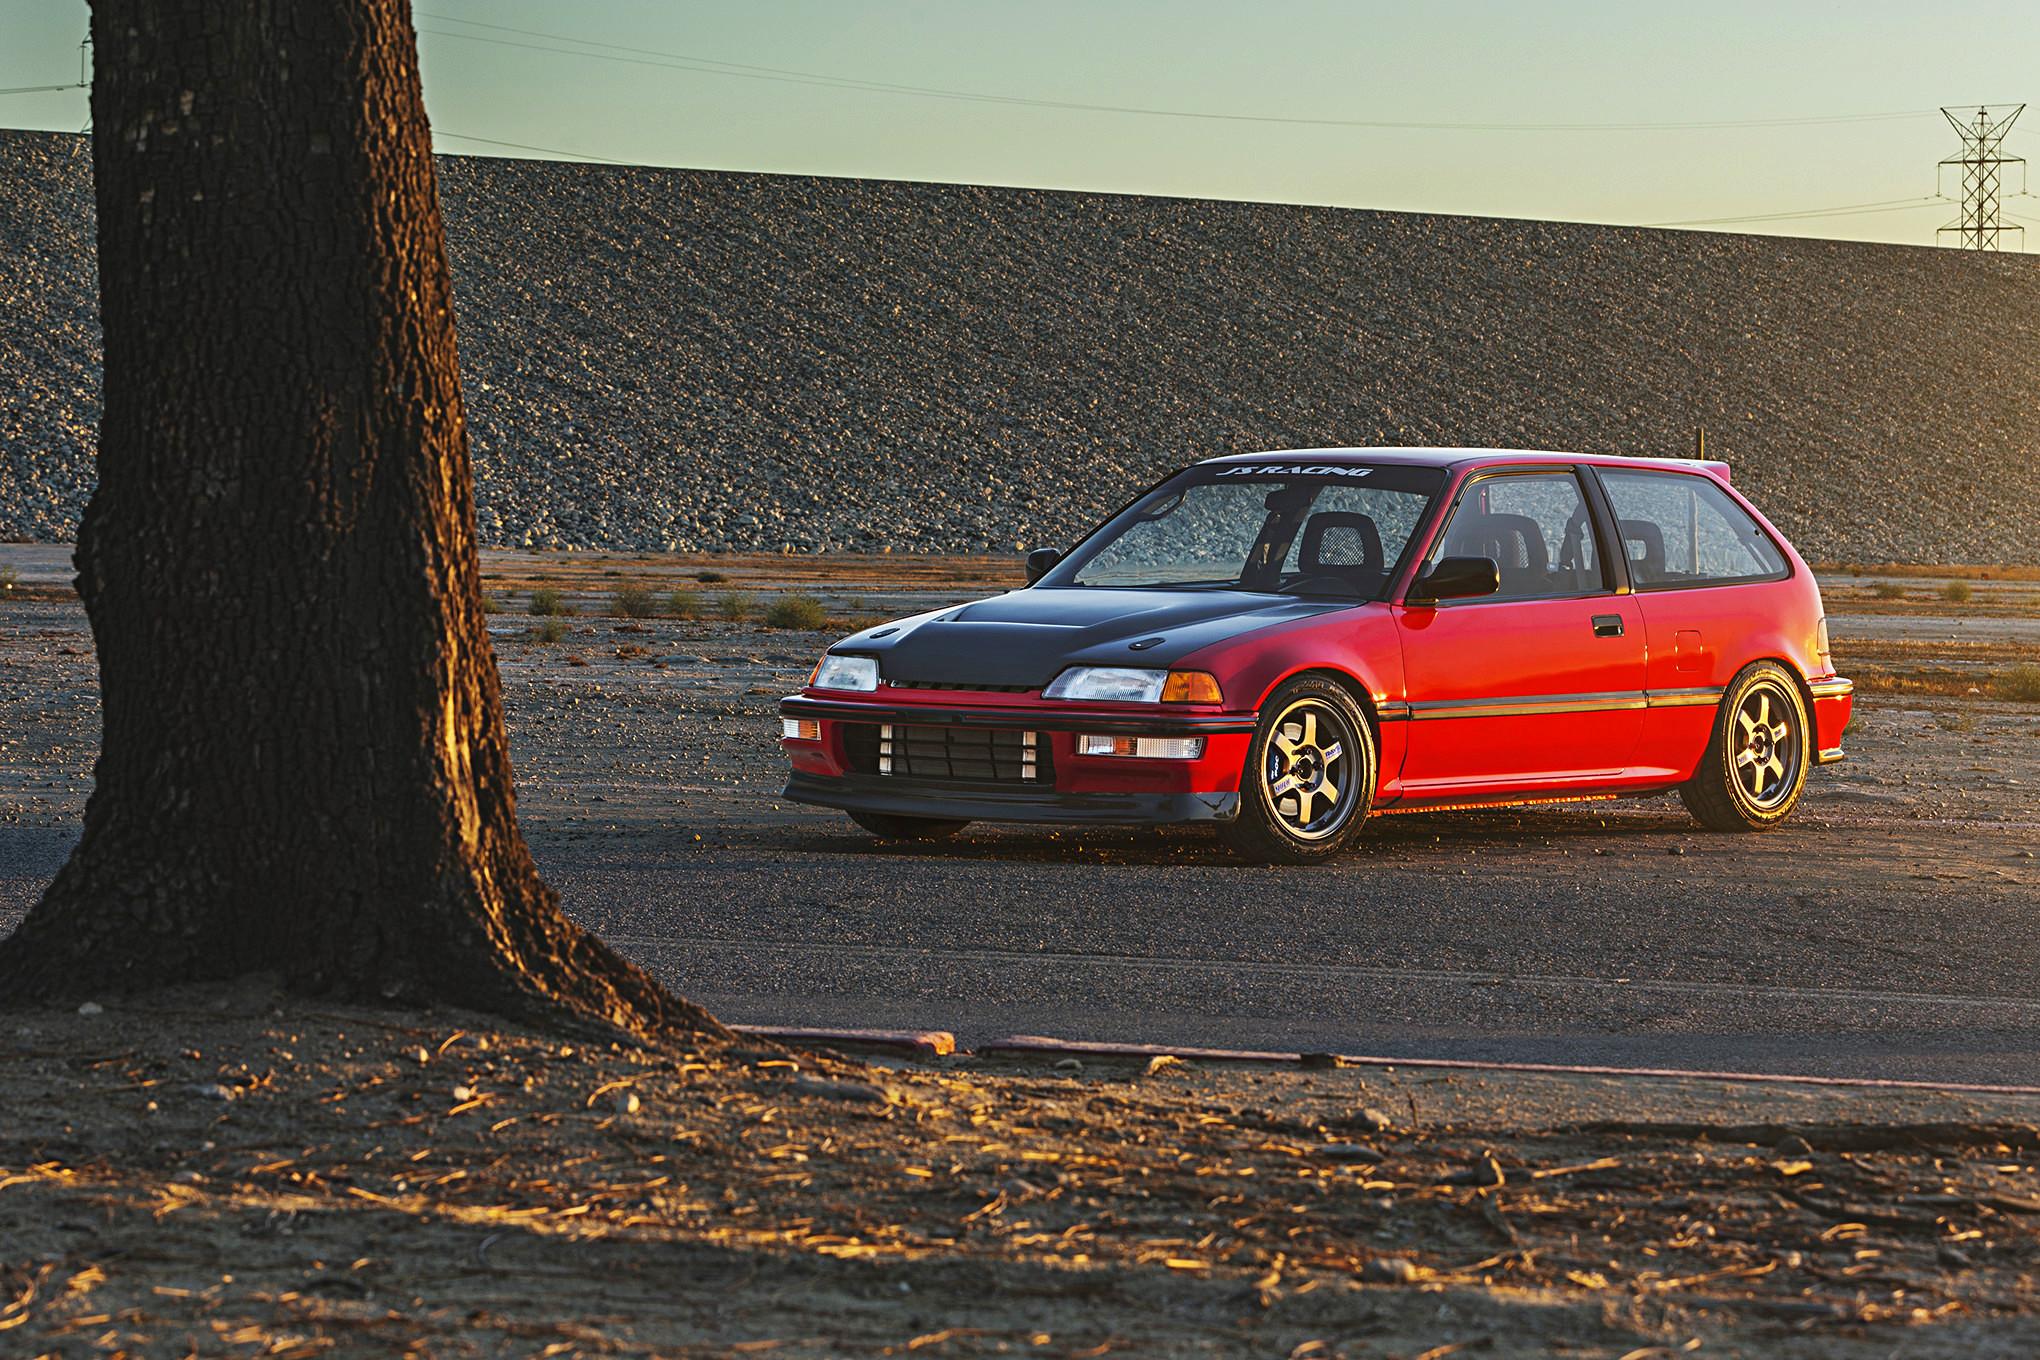 Kelebihan Kekurangan Honda Civic 1990 Top Model Tahun Ini